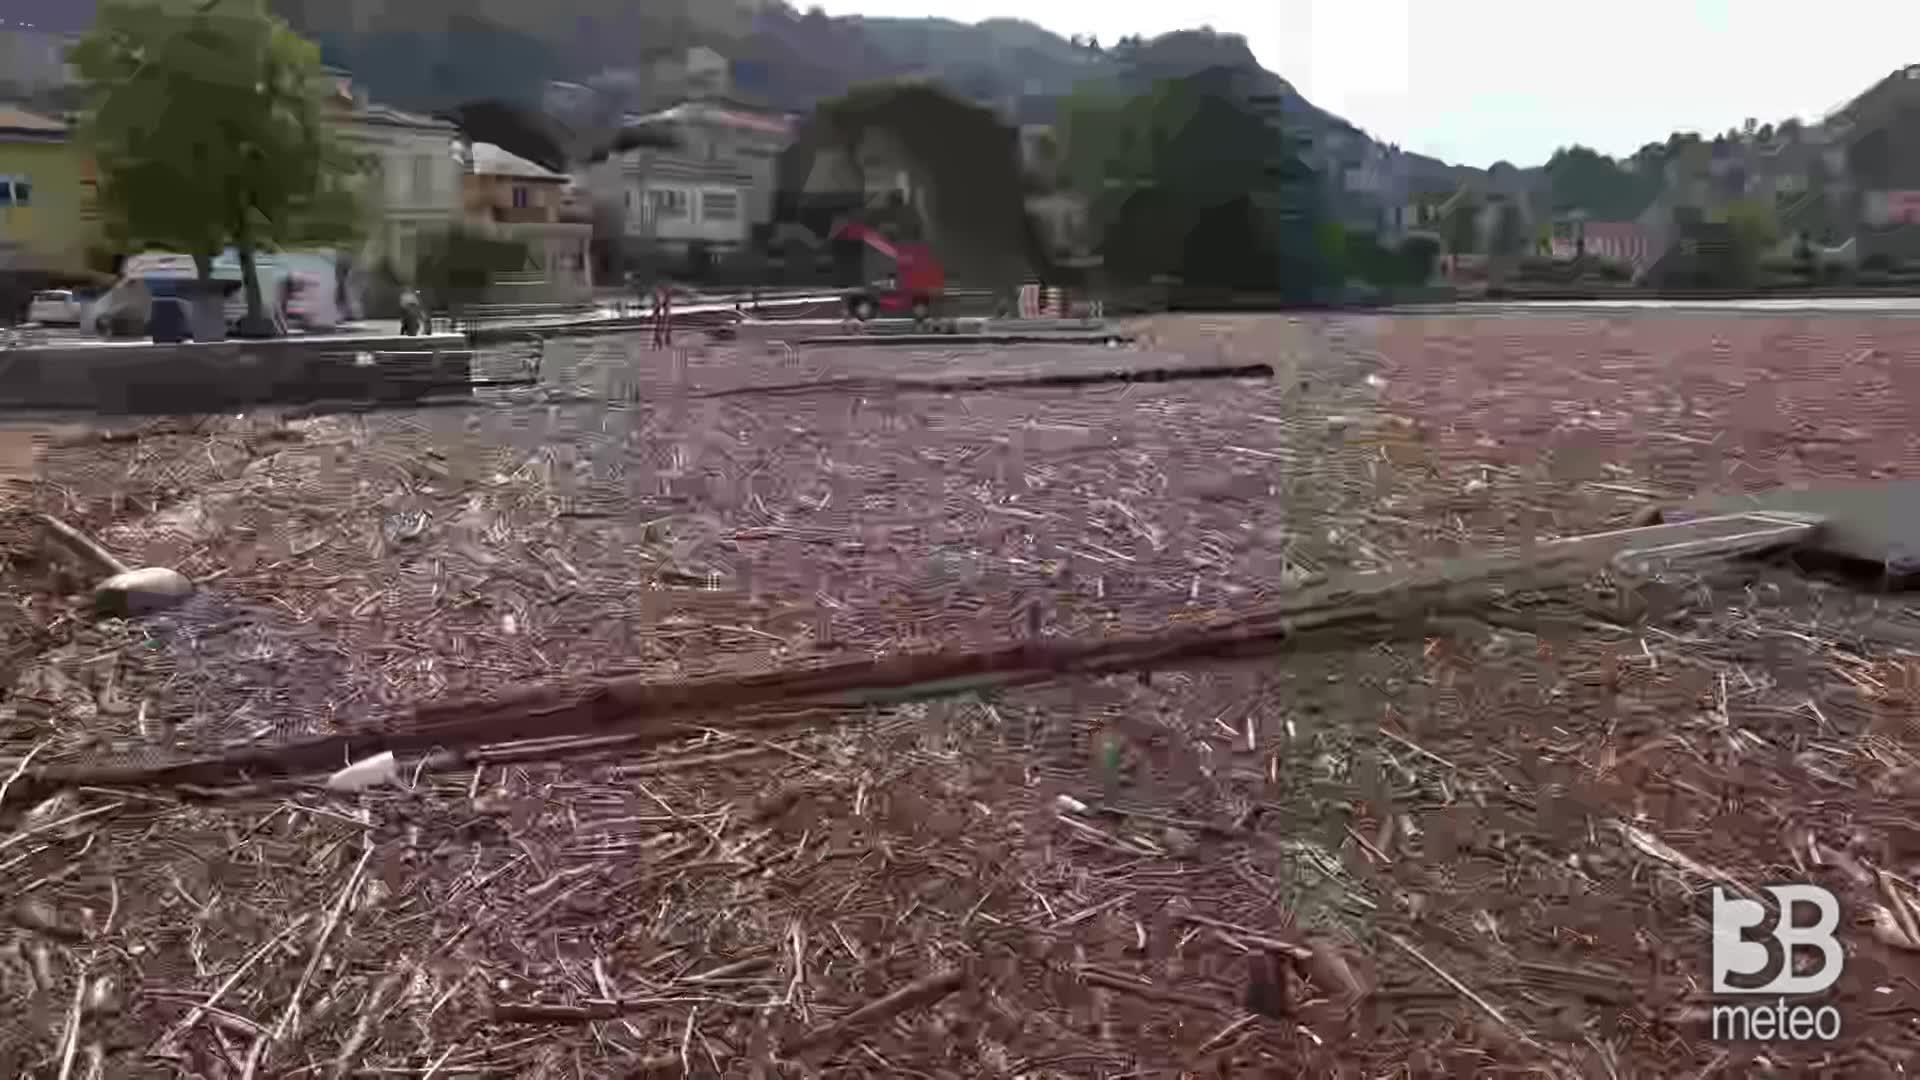 Detriti allo Yacht Club Como : legname galleggia al porto